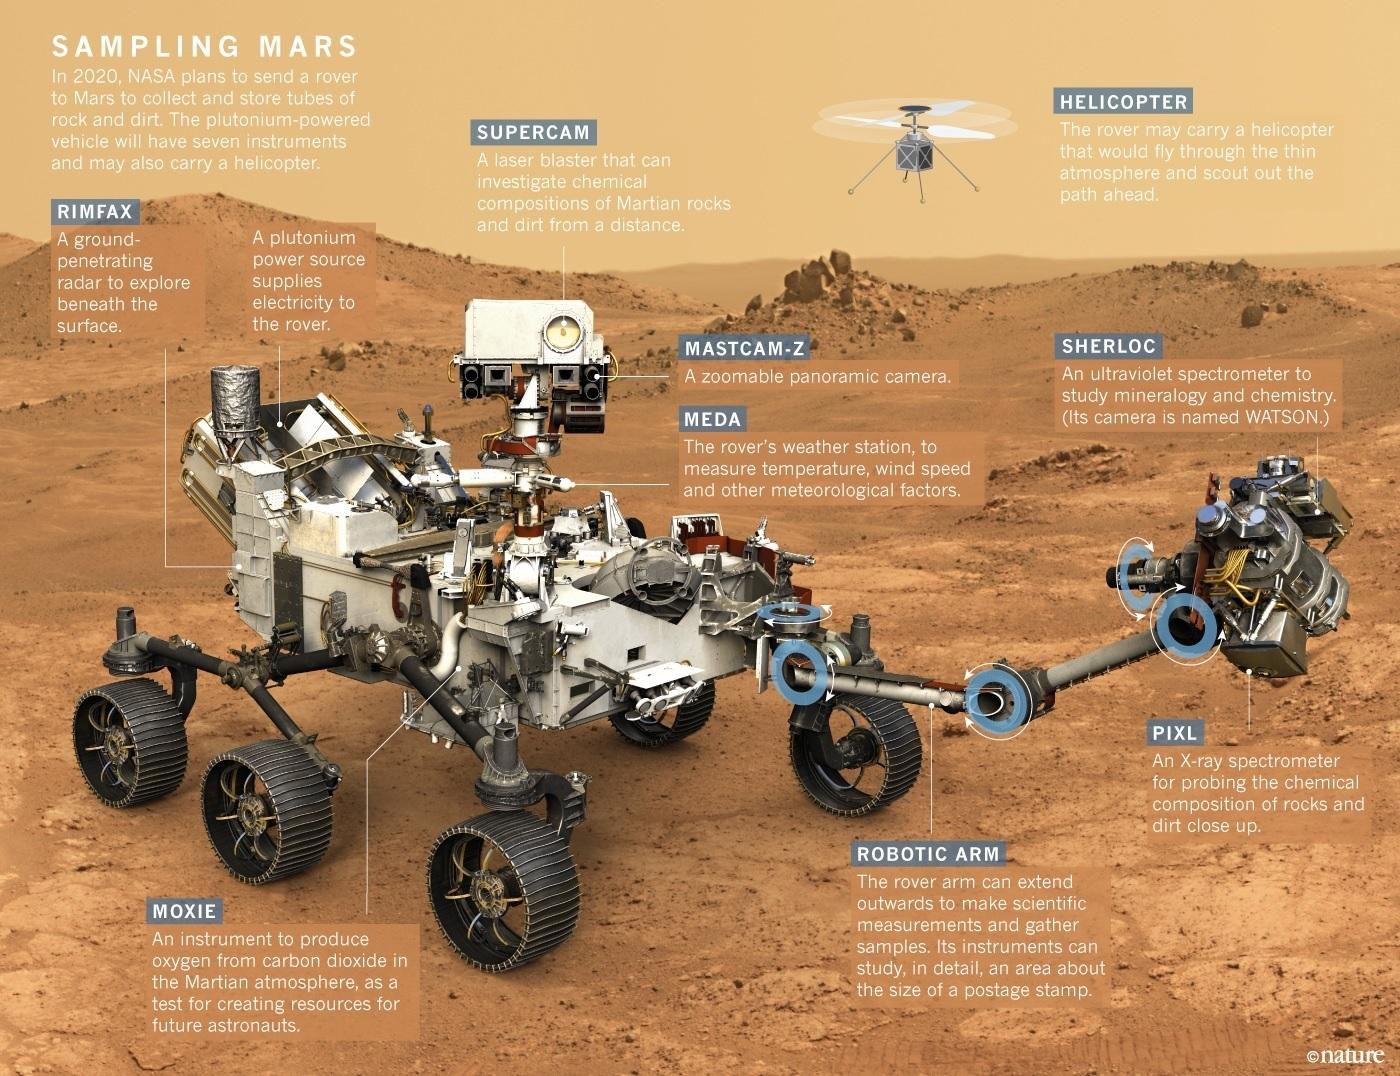 mars rover nasa name - photo #28